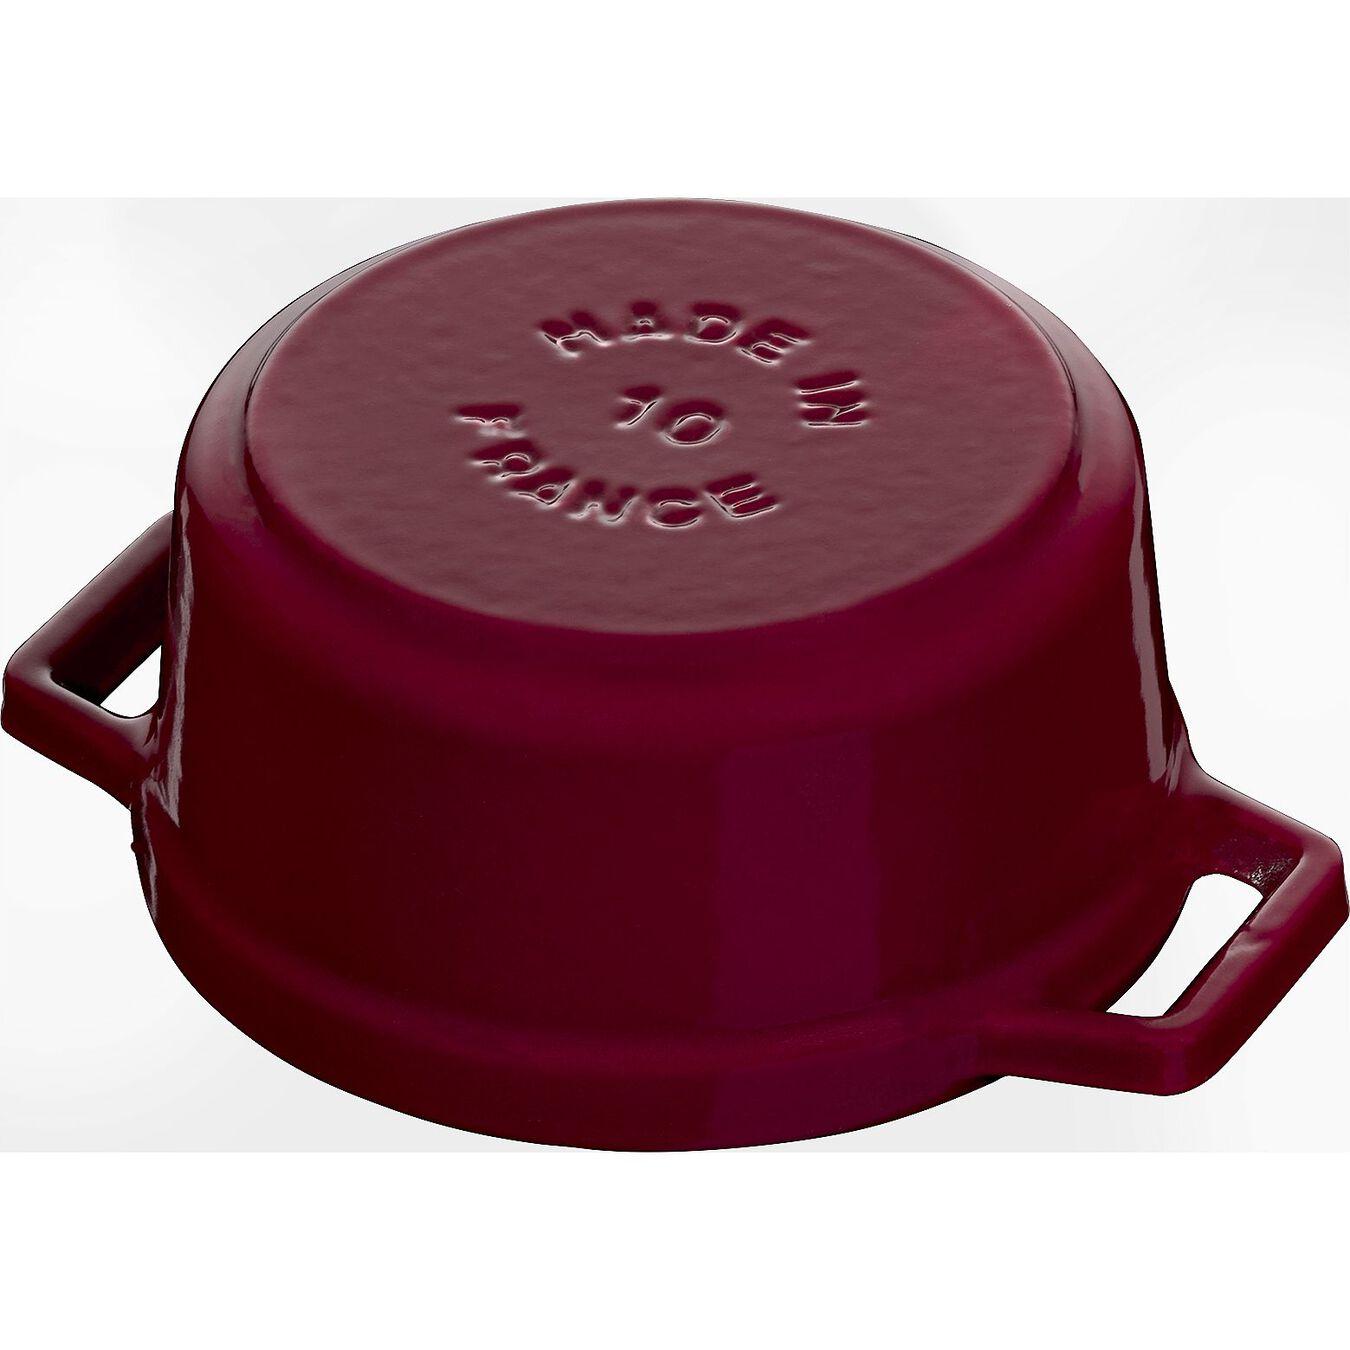 250 ml round Mini Cocotte, Bordeaux,,large 4